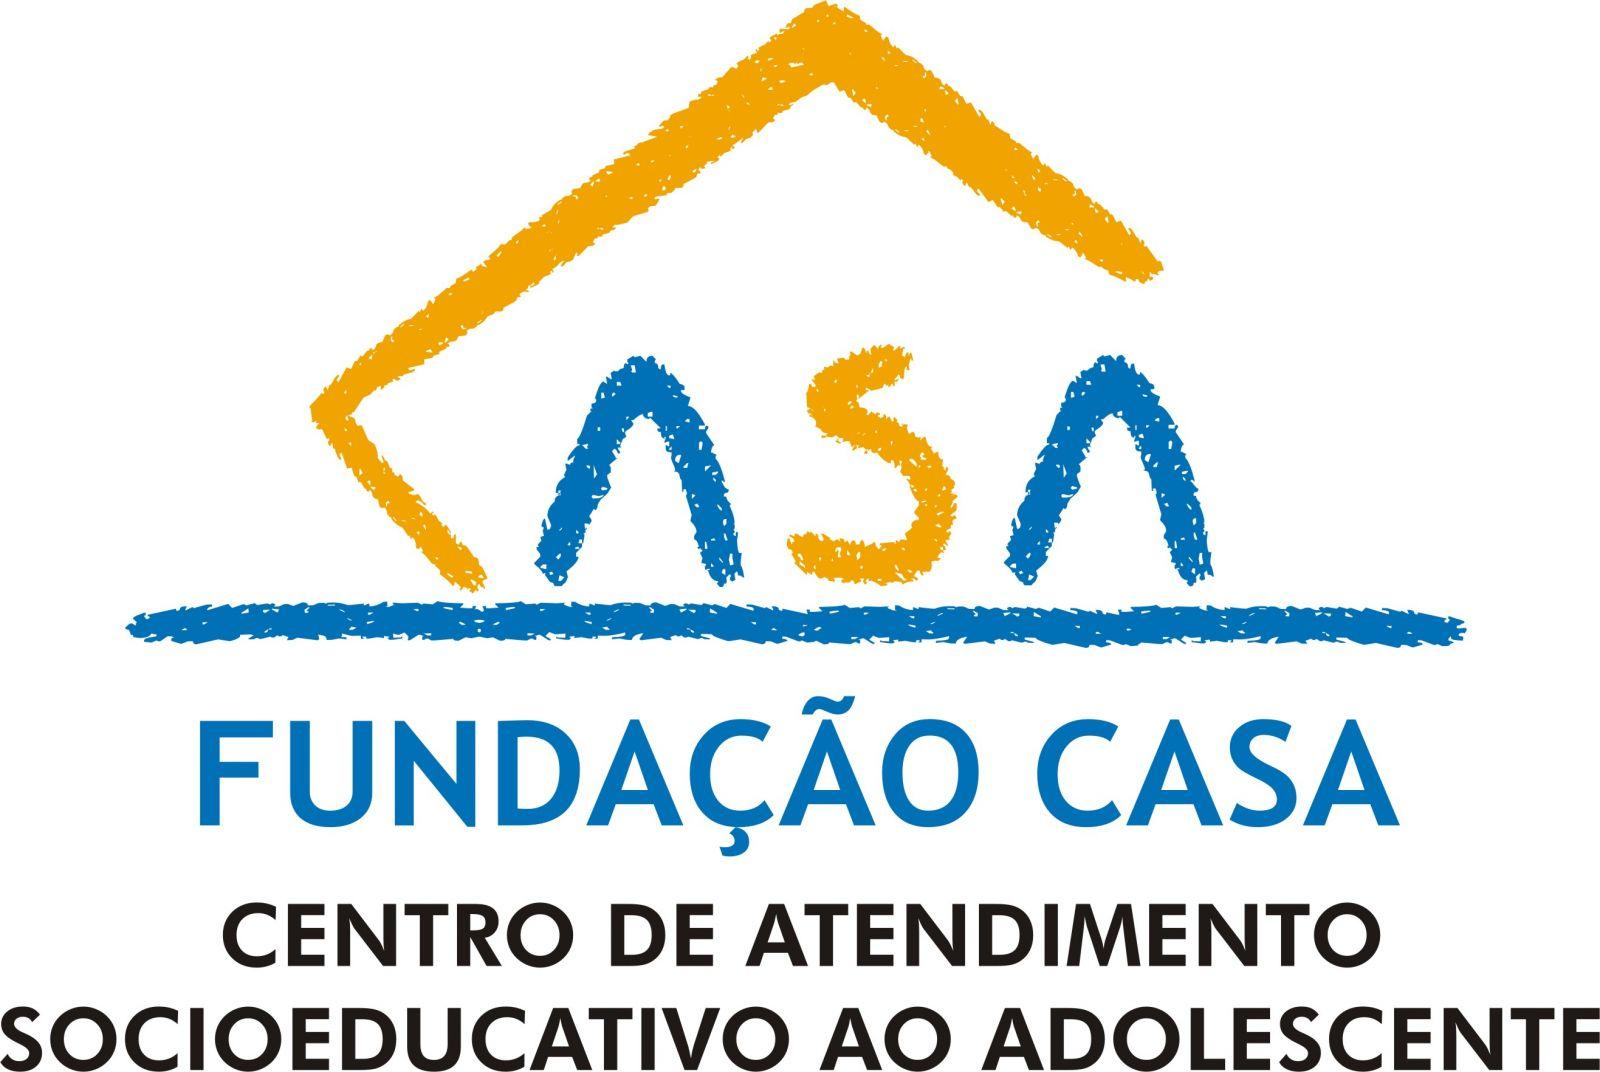 Concurso Fundação CASA São Paulo 2015 - Saiba mais informações sobre o Concurso Fundação CASA São Paulo 2015 (Foto: Divulgação)